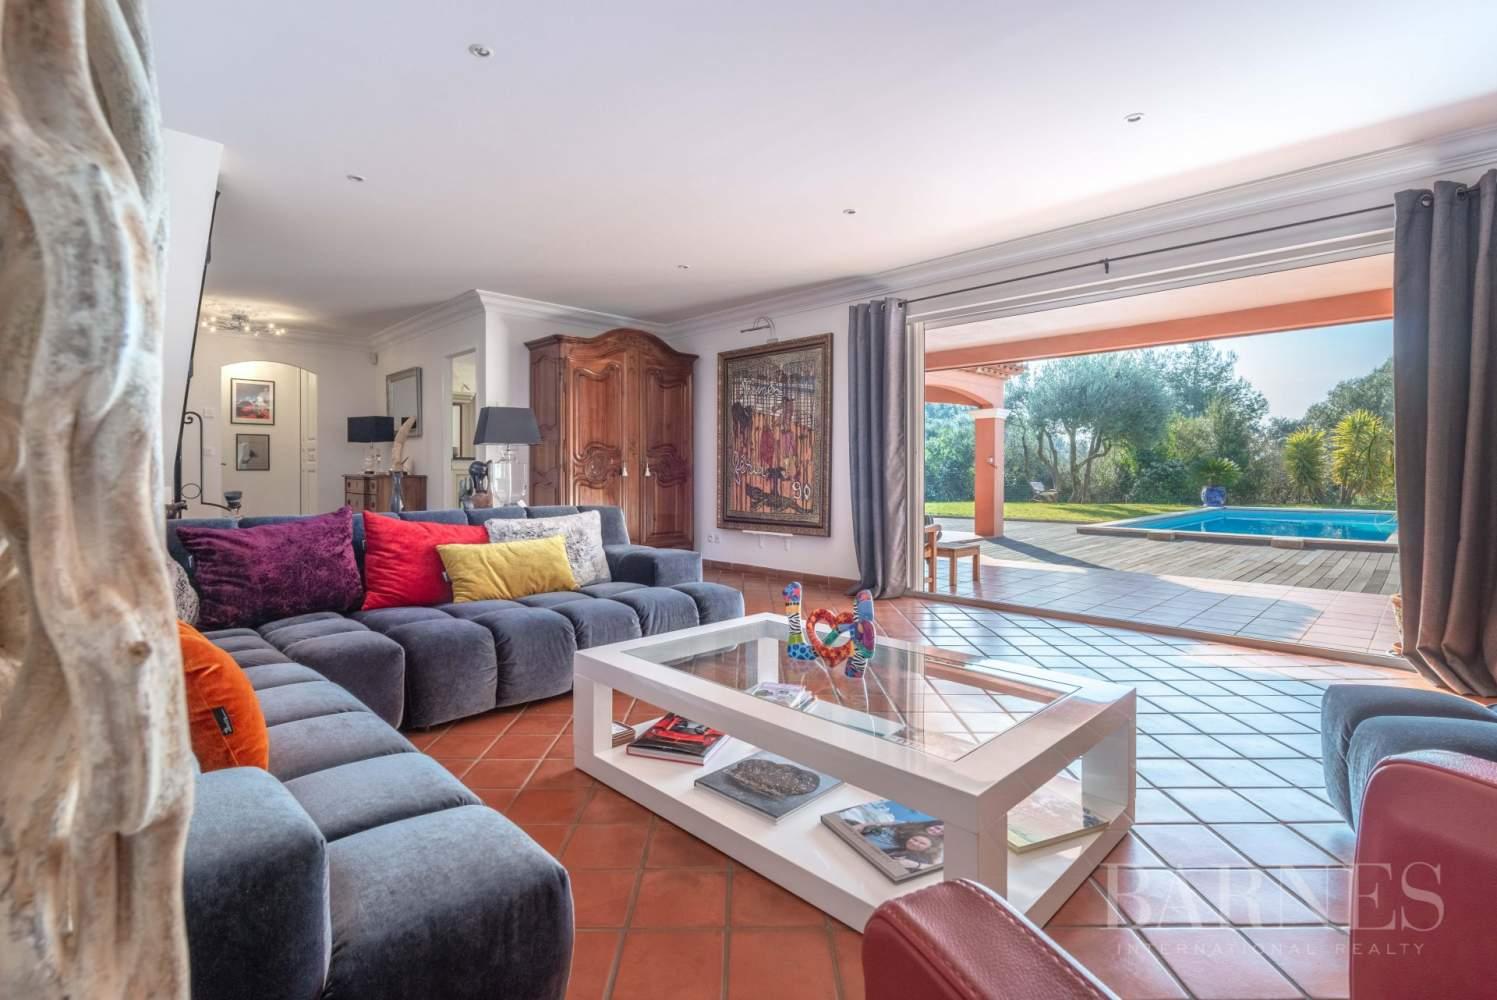 Sanary - Secteur du Lançon - villa 200m² - piscine - terrain 2197 m² picture 4